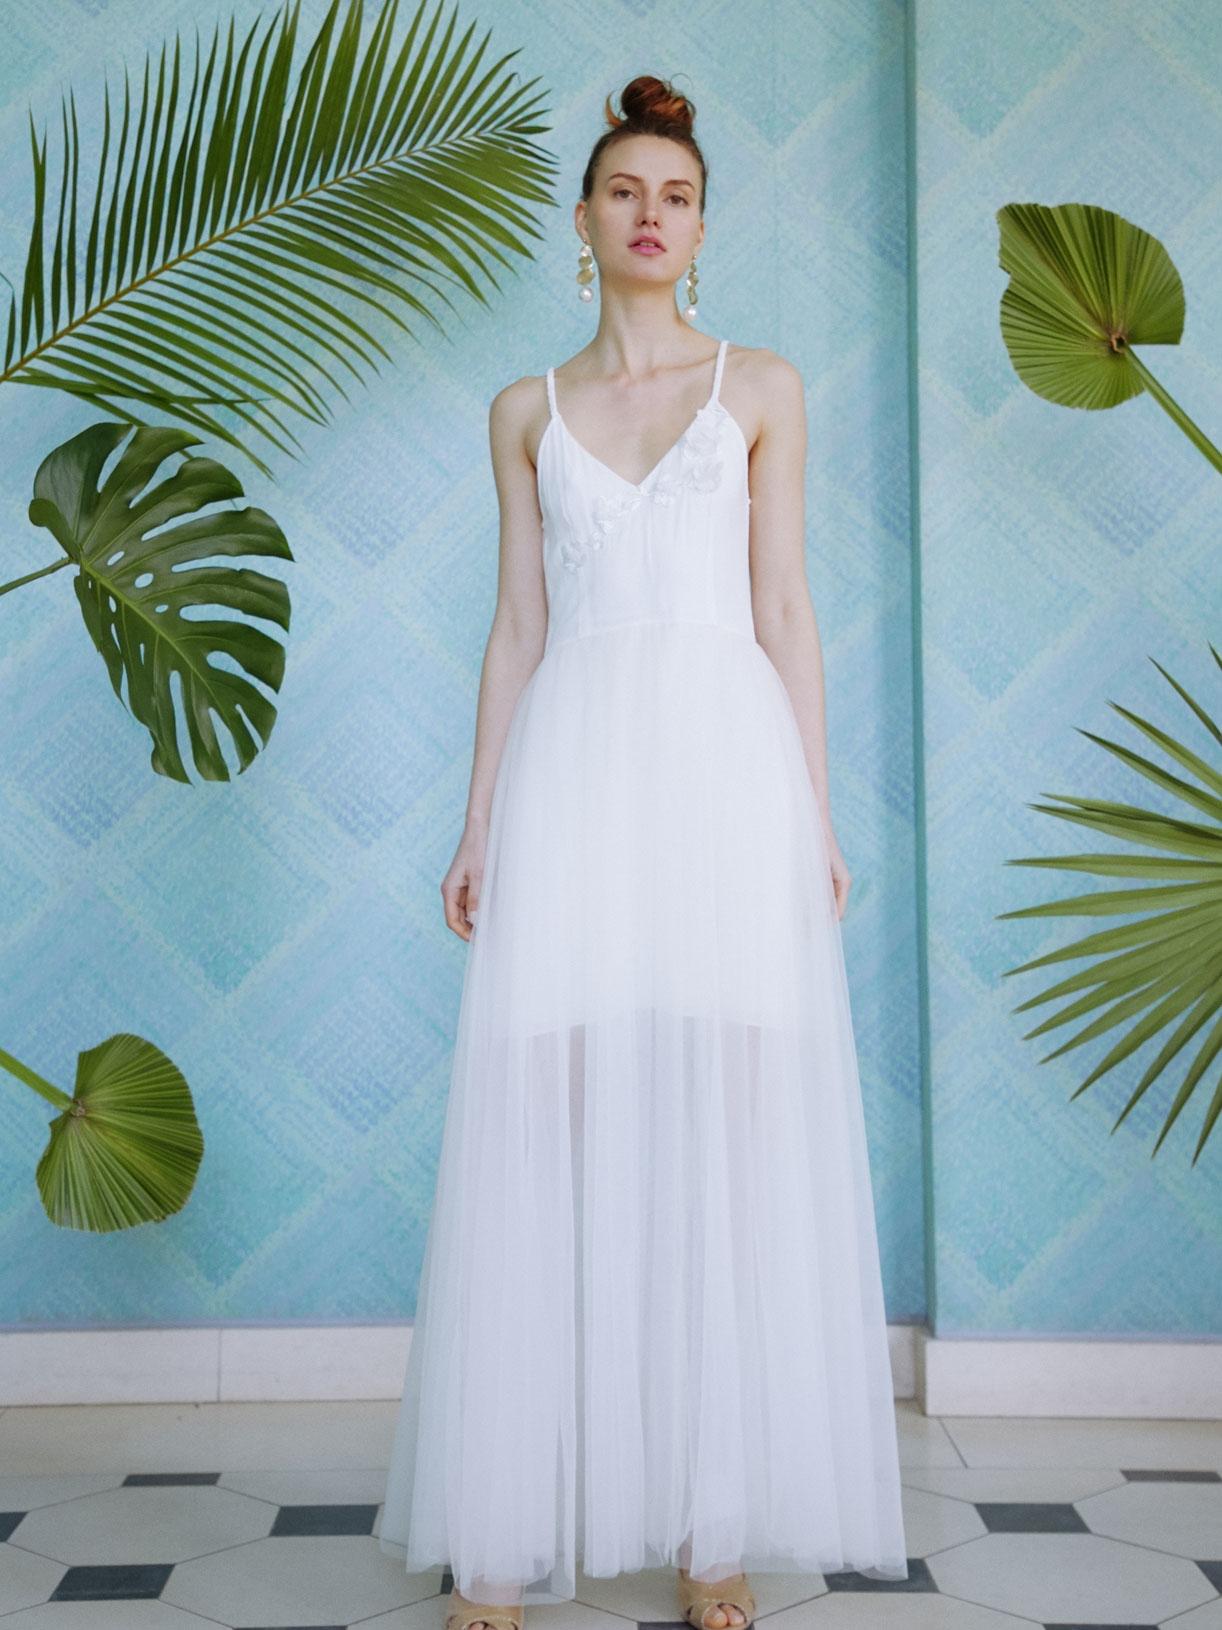 ISABEL - Robe de mariee longue en tulle transparent et fines bretelles - Créatrice de robes de mariée sur-mesure éthique et bio sur Paris - Myphilosophy